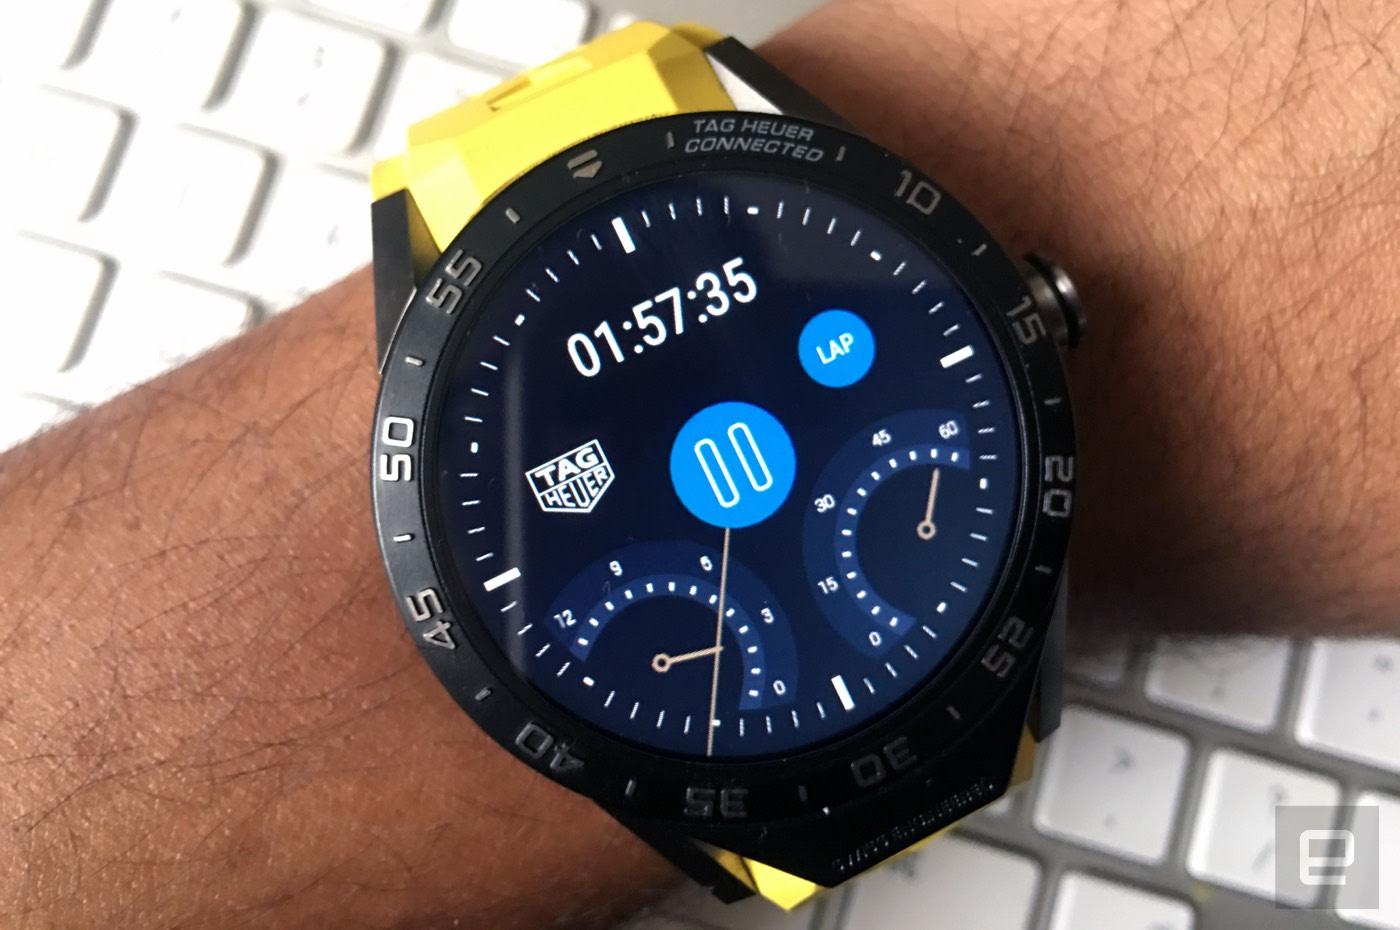 Jean-Claude Biver rechnet mit Hublot-Smartwatch in 2017 oder 2018